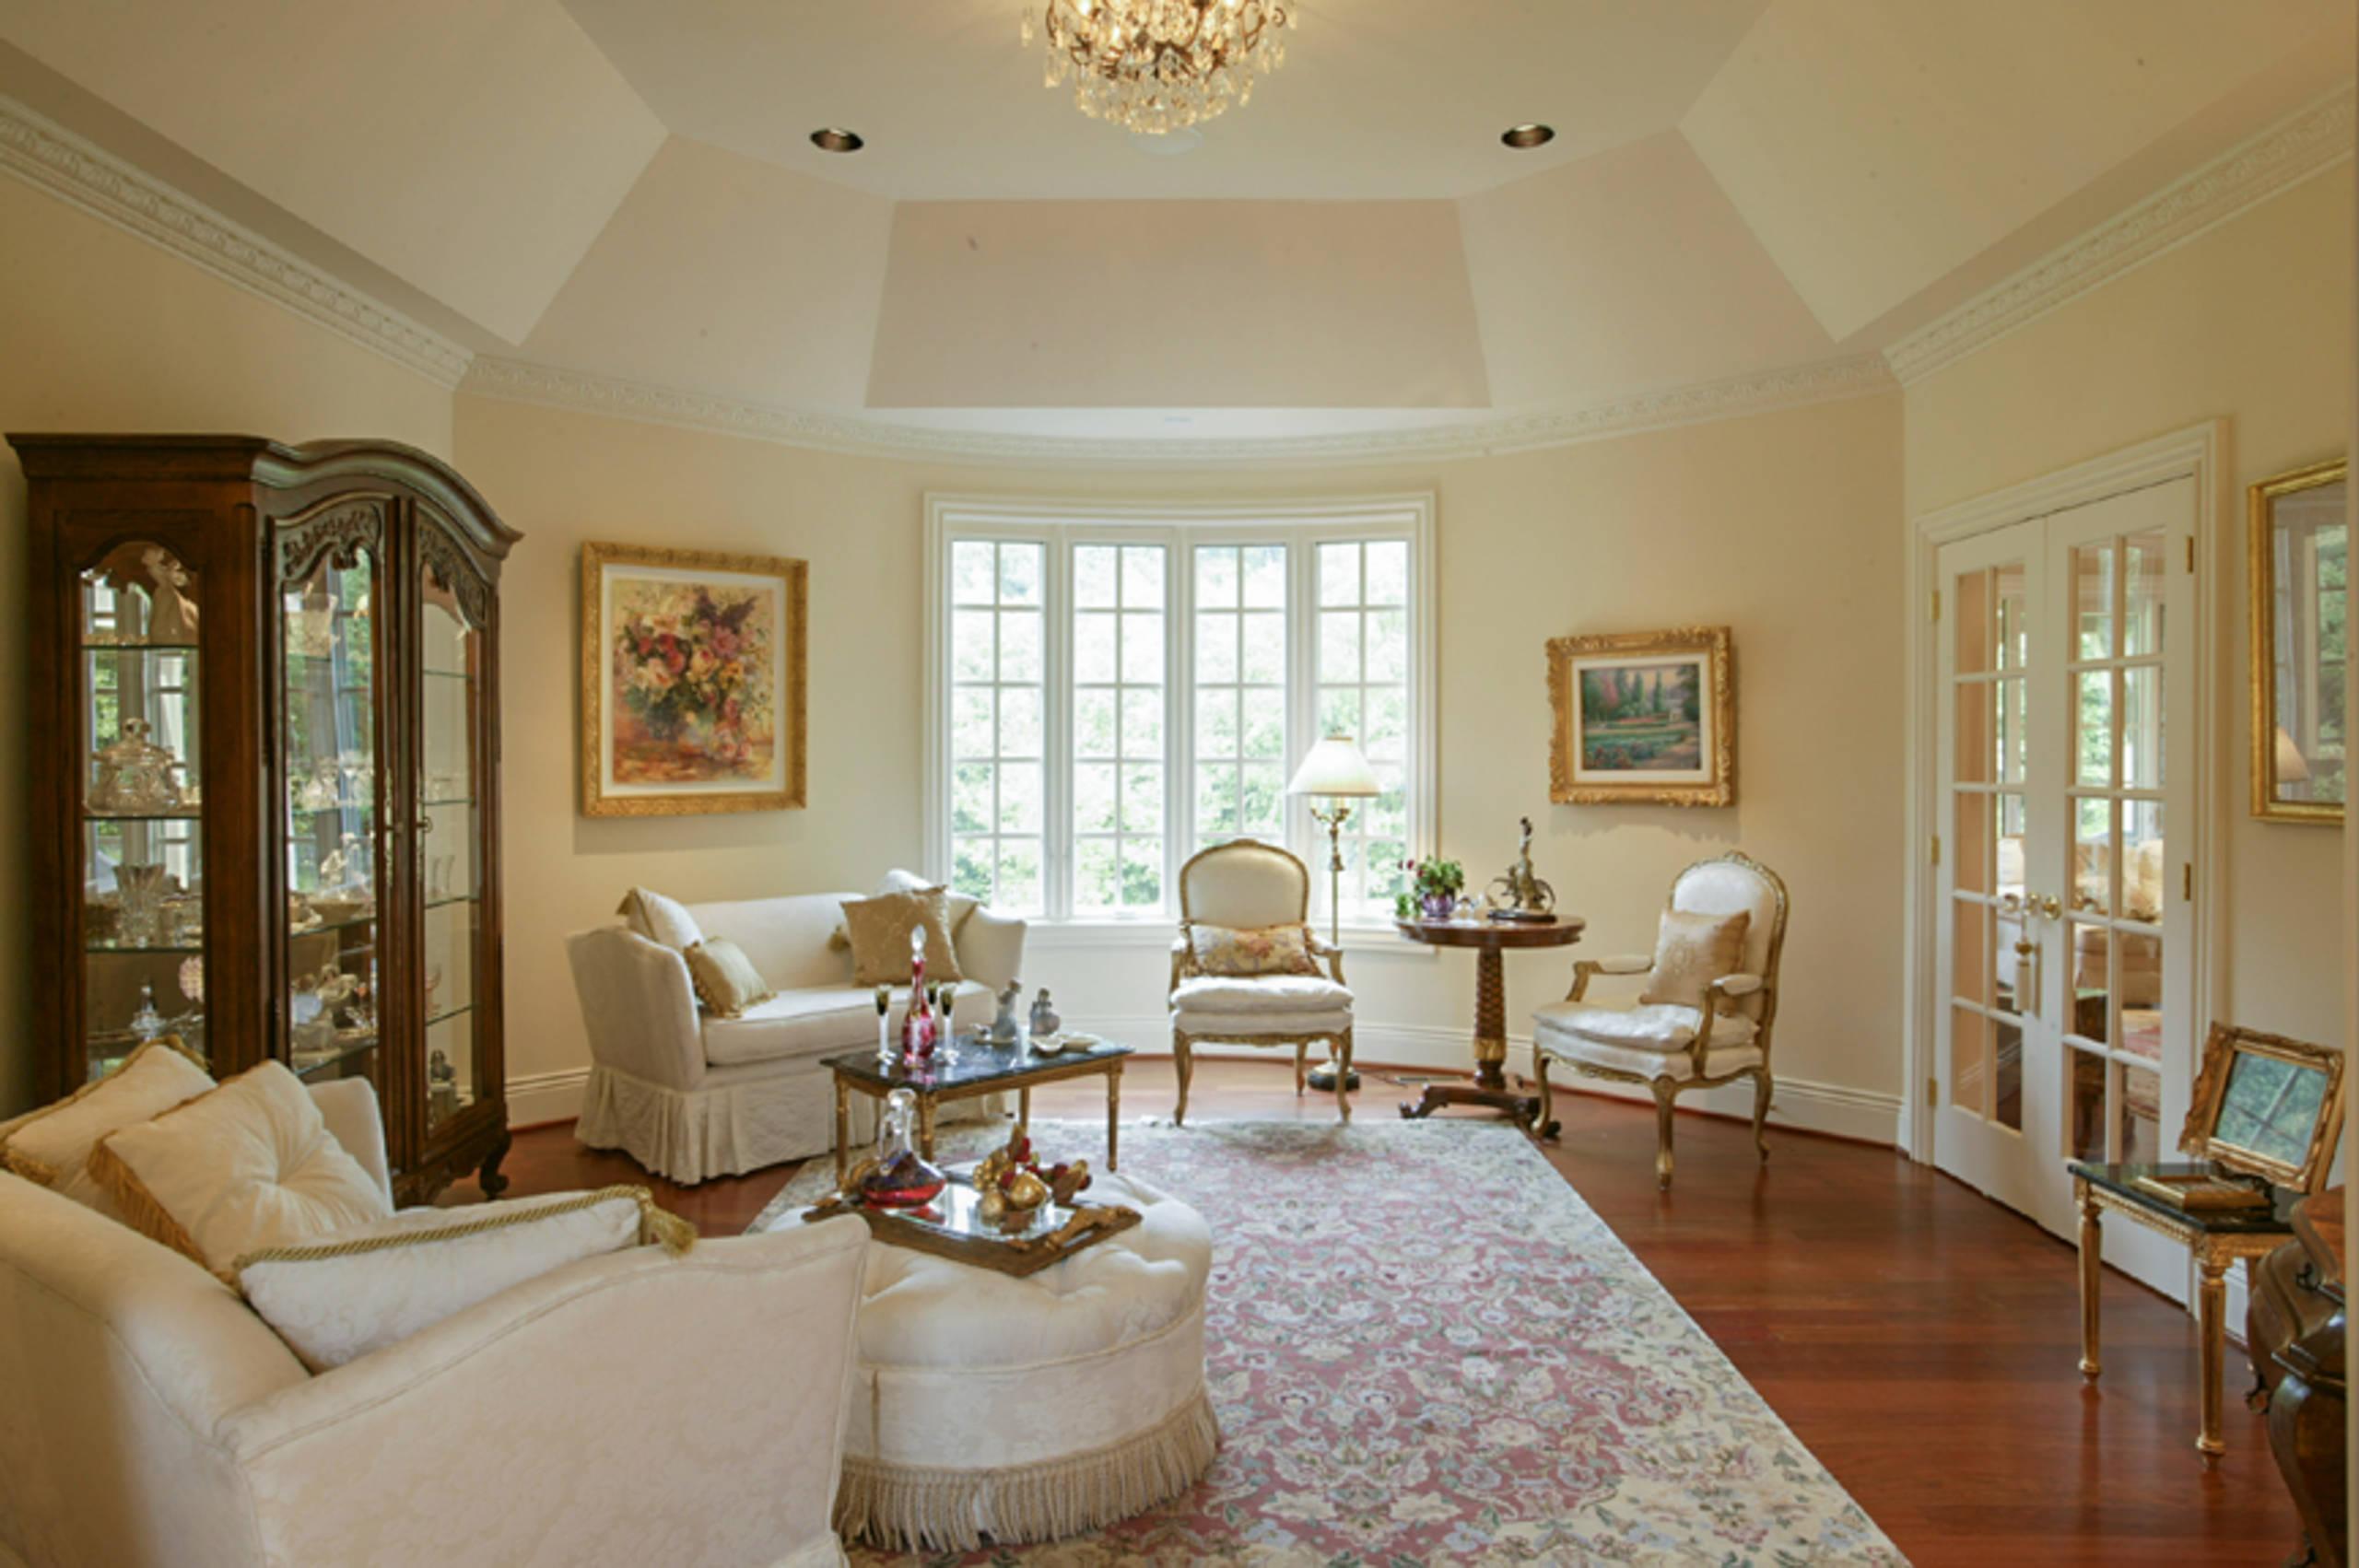 Certified Luxury Builders - J Paul Builders - Owings Mill, MD - Custom Home 3